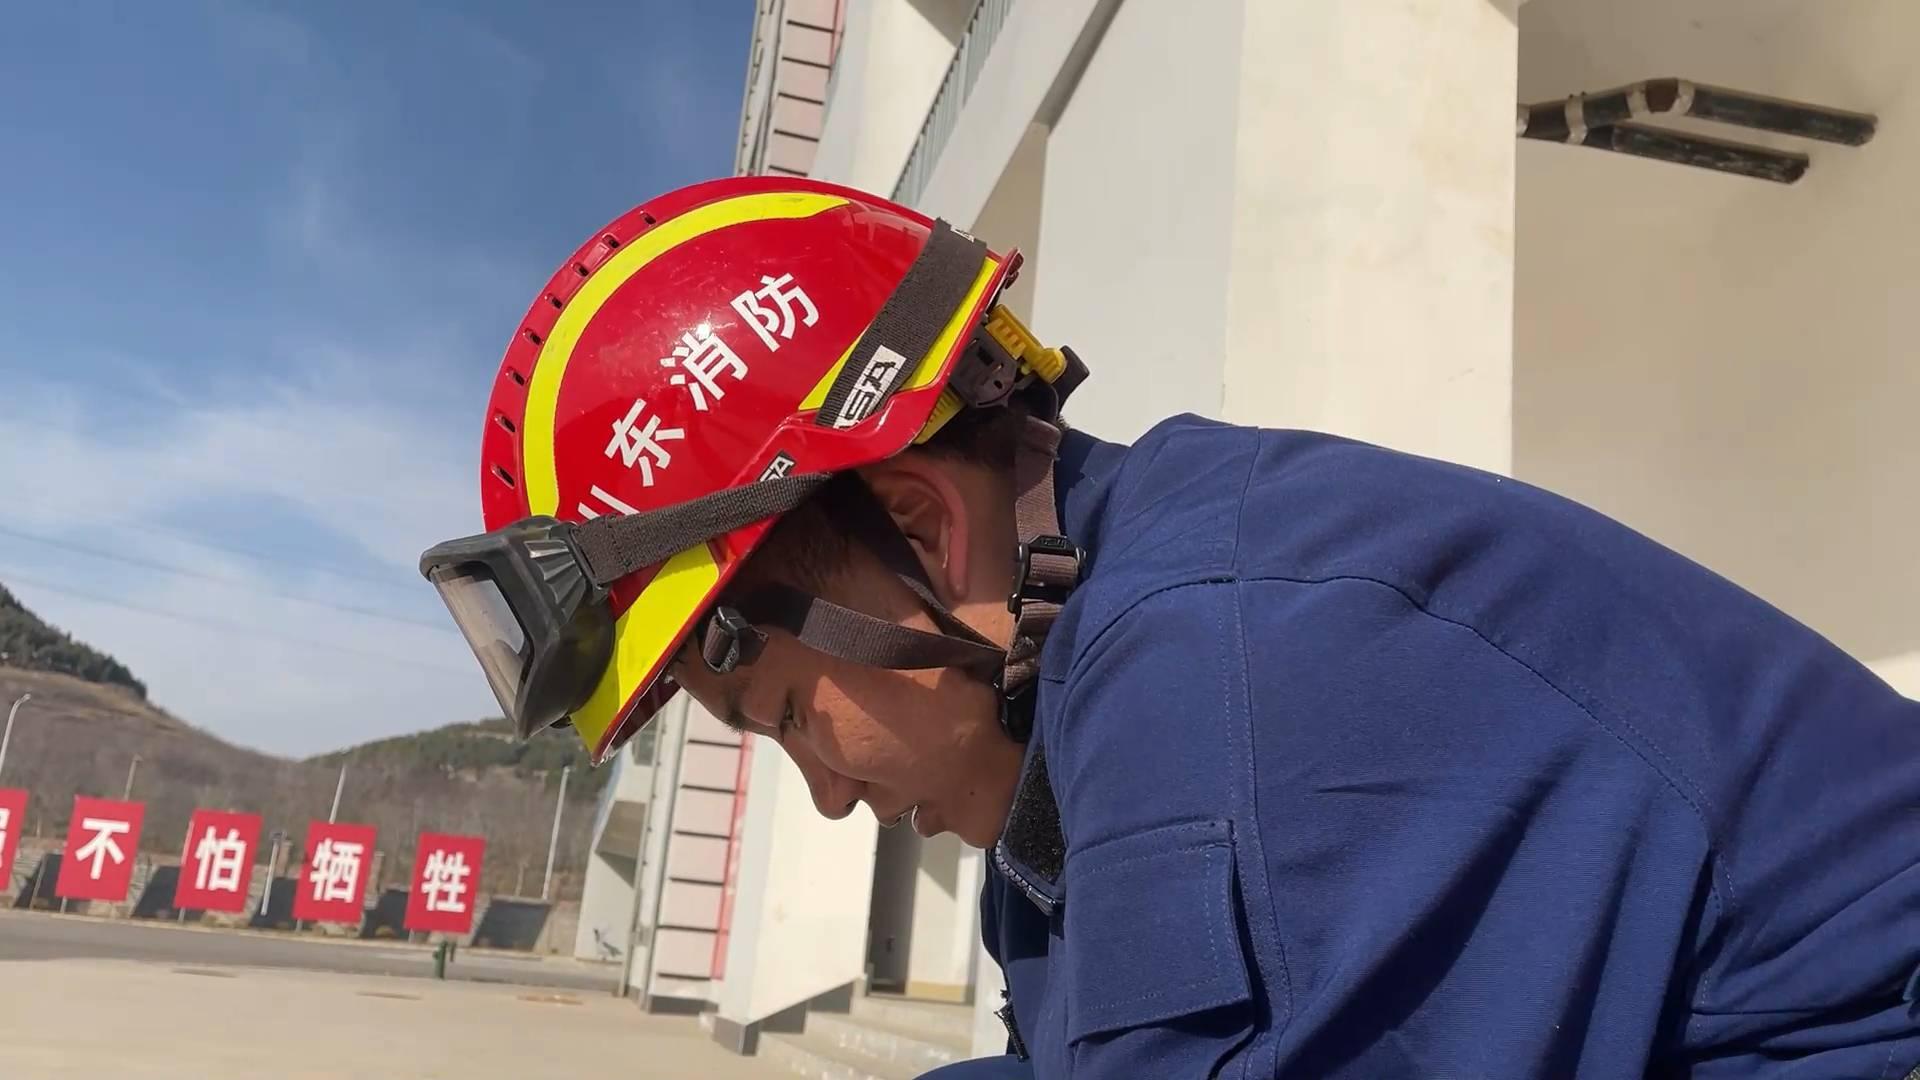 新消防员阿布:从大凉山坐车五天五夜来到山东 只为实现消防梦